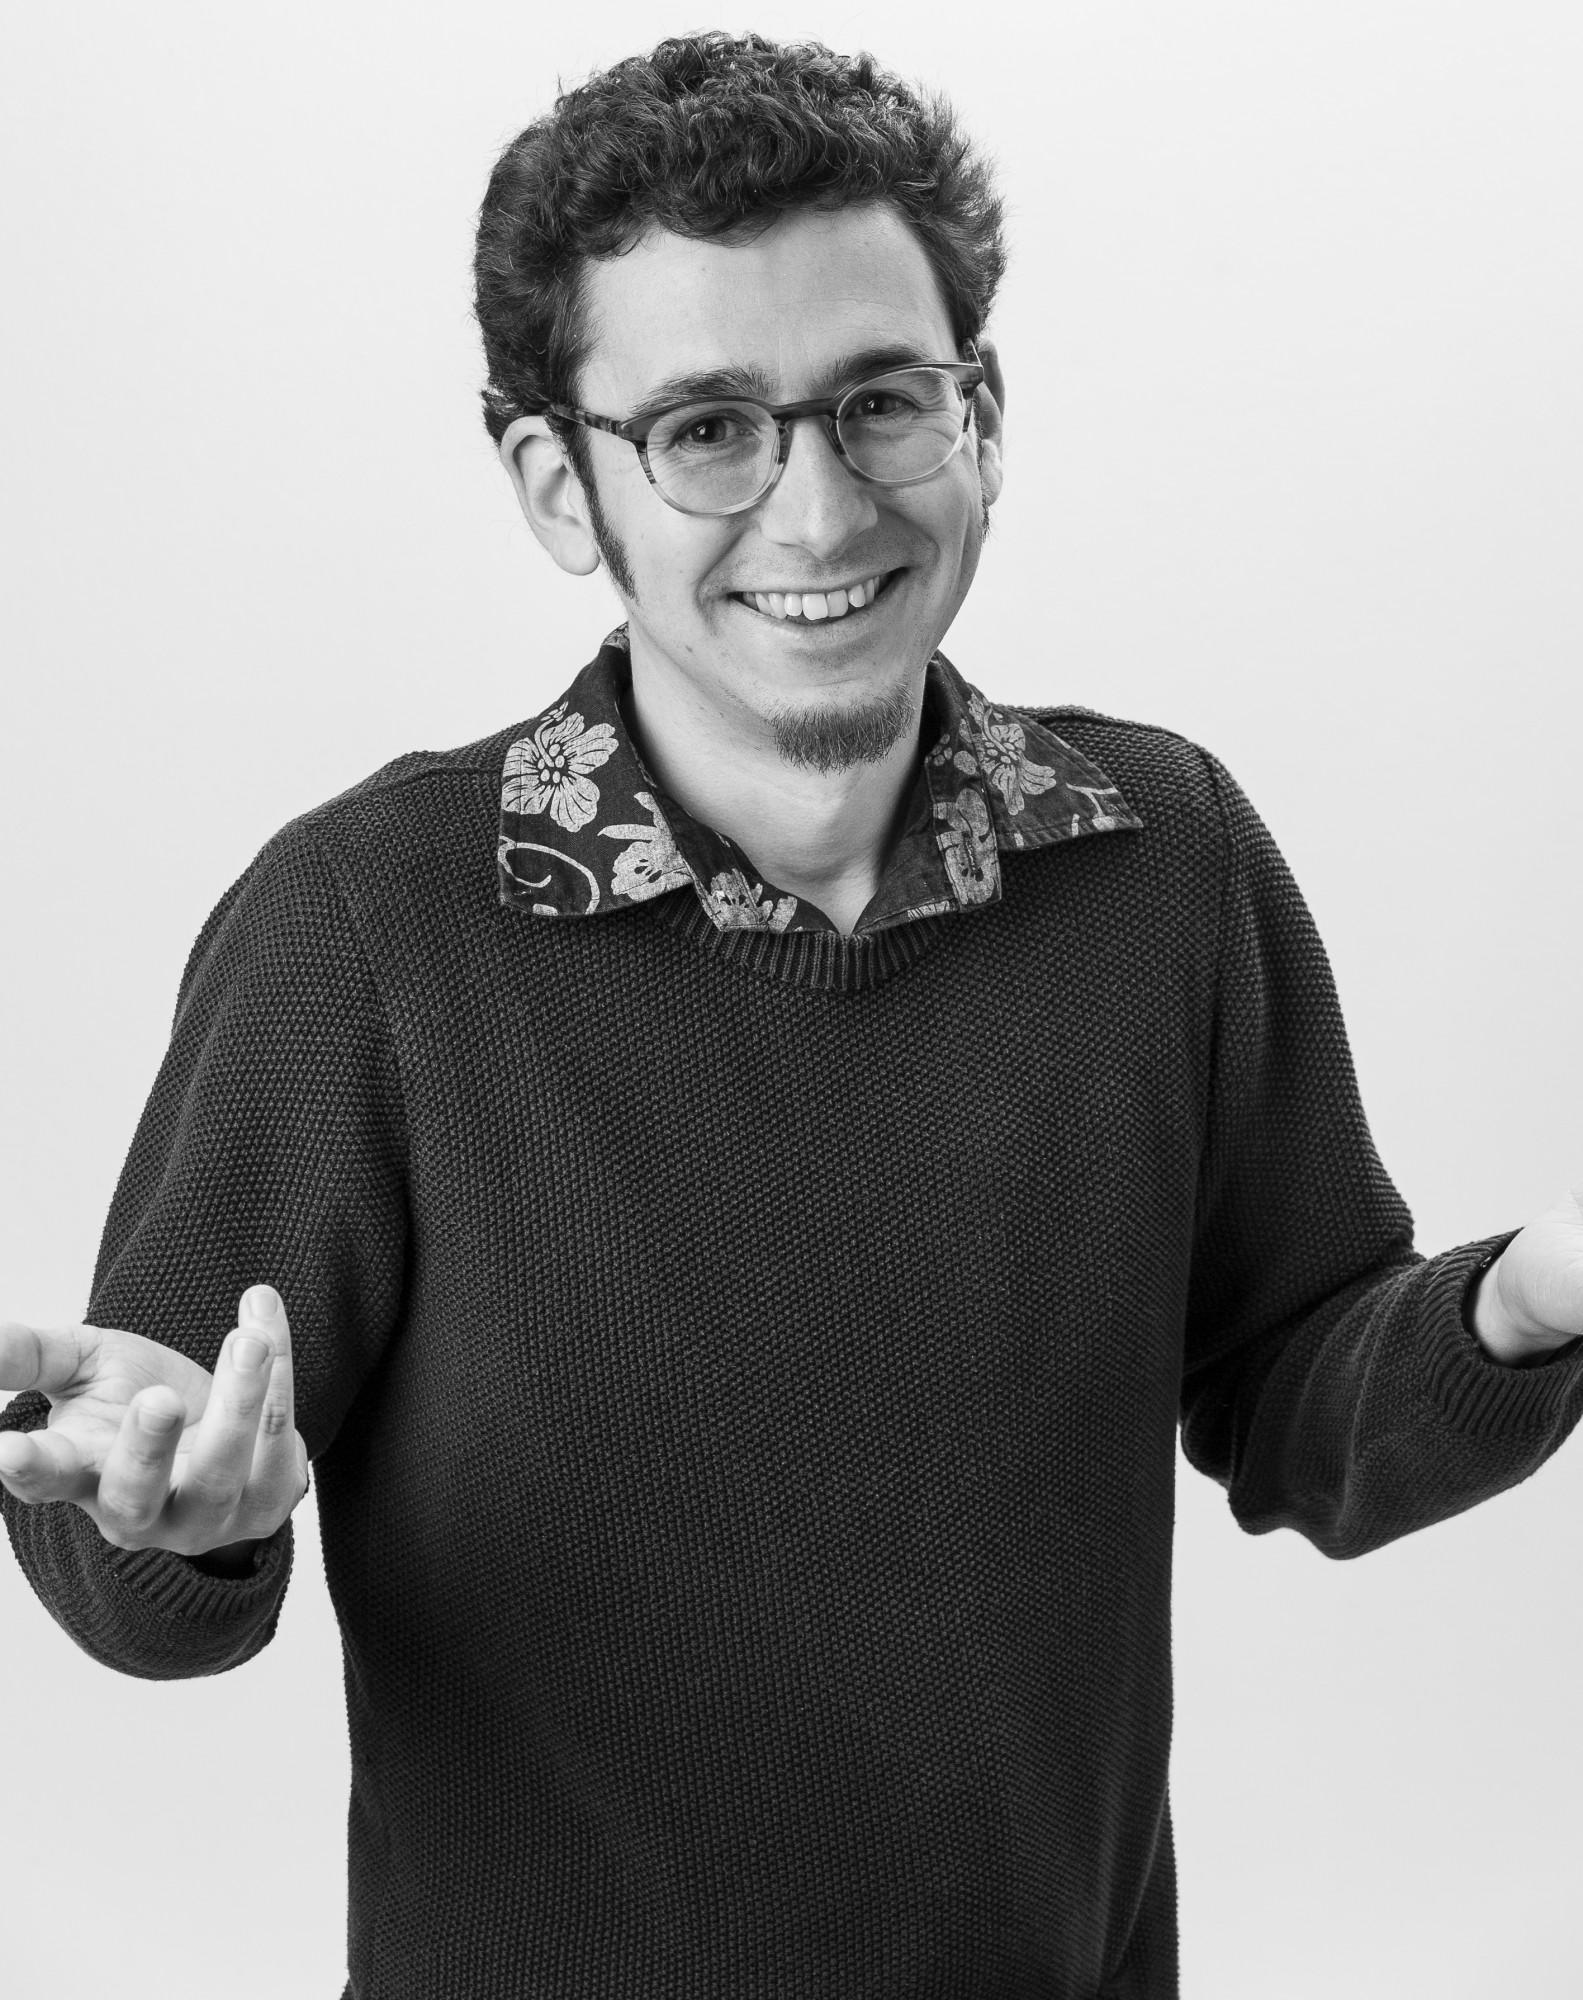 Paul Sánchez Keighley